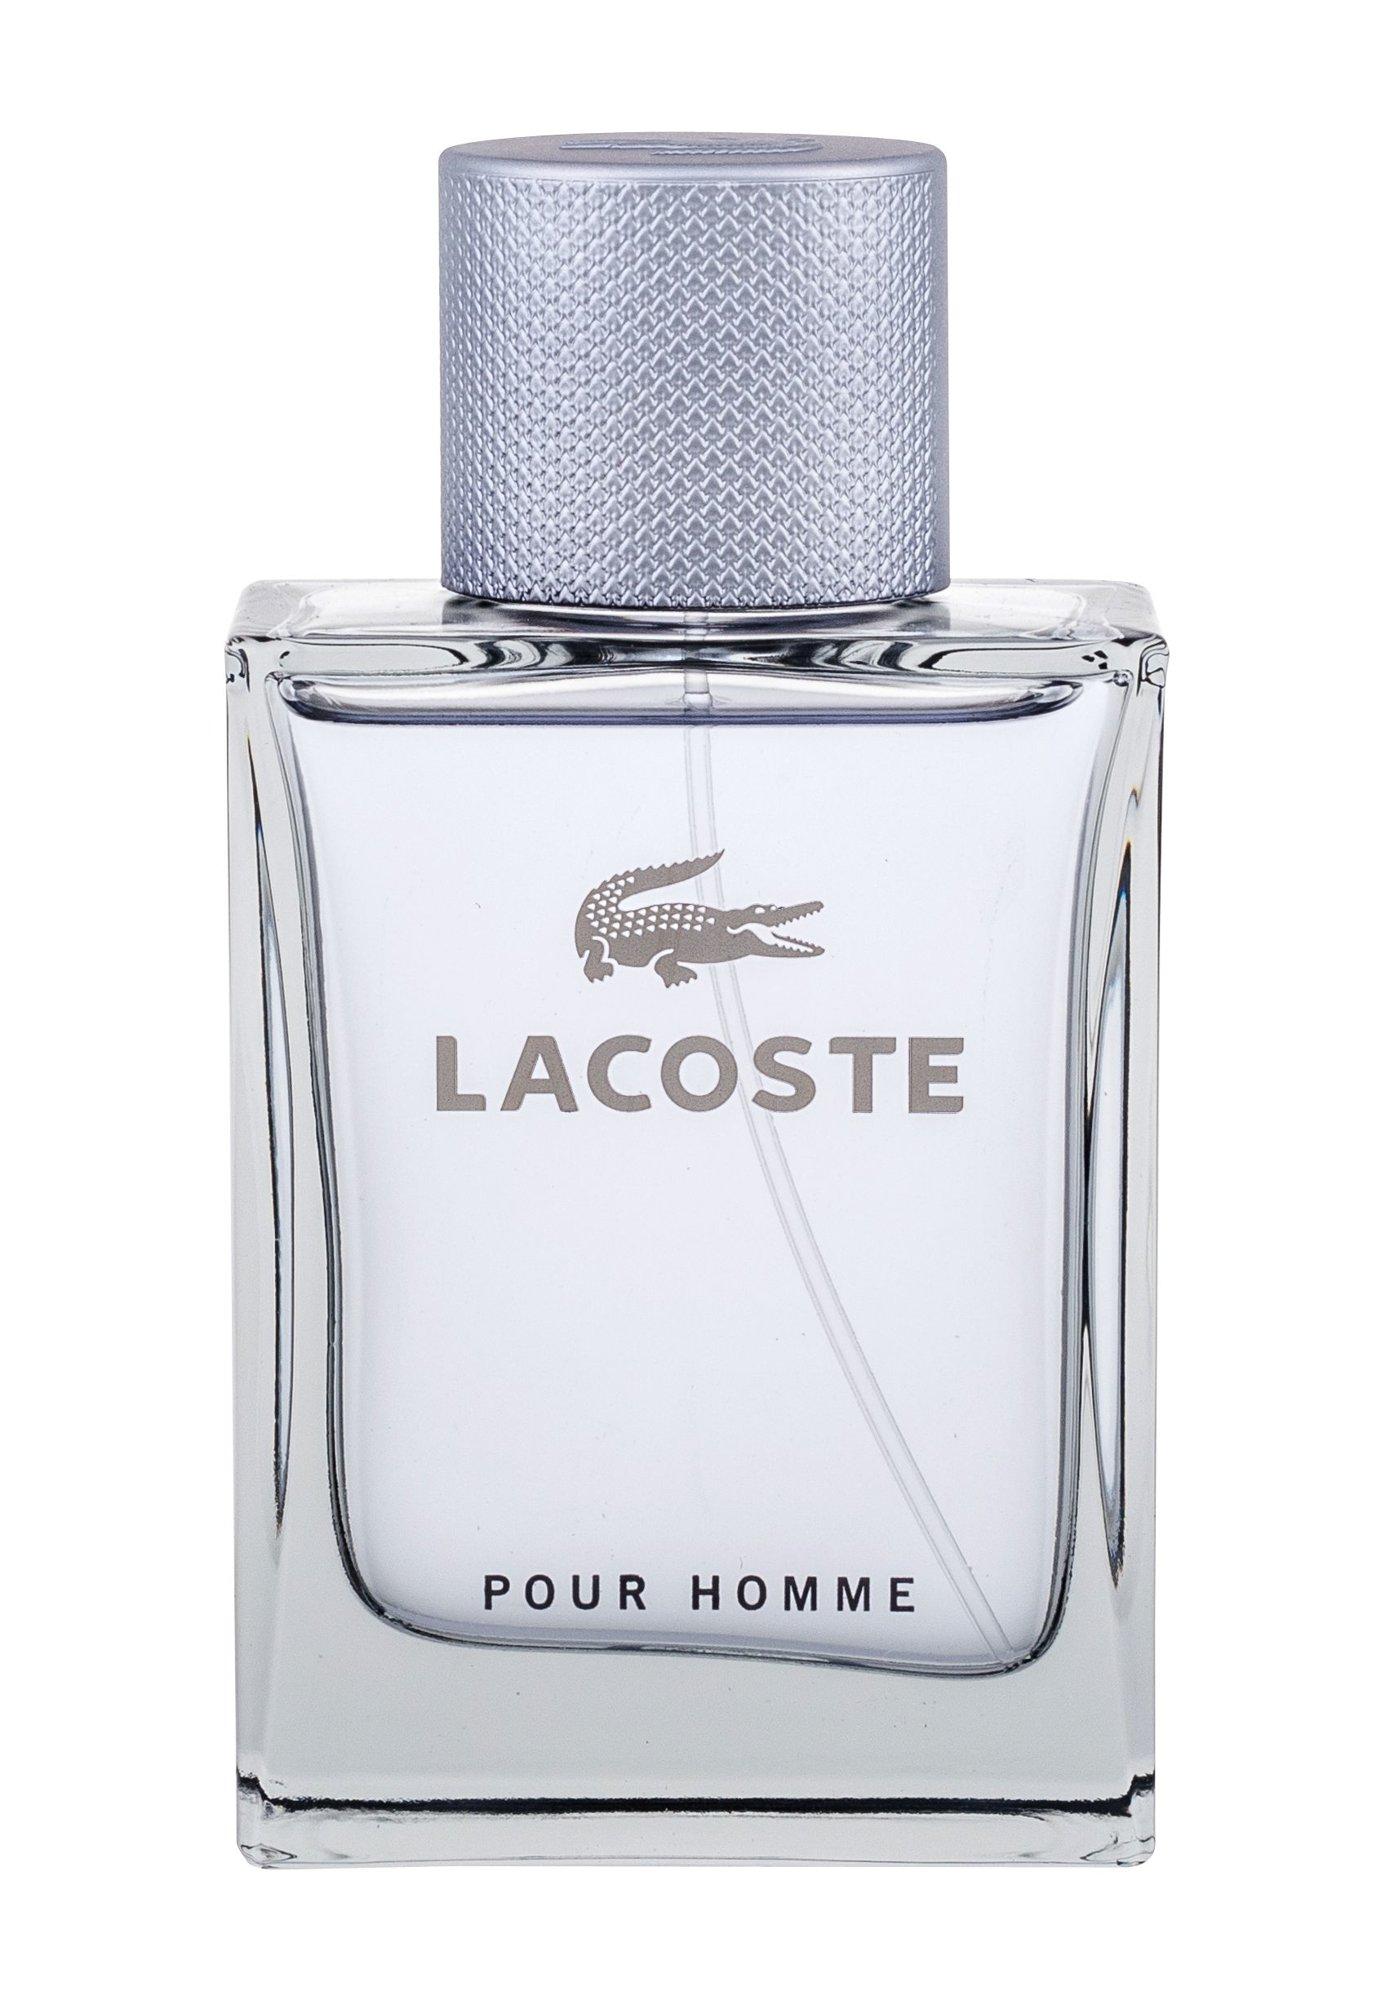 Lacoste Pour Homme EDT 50ml